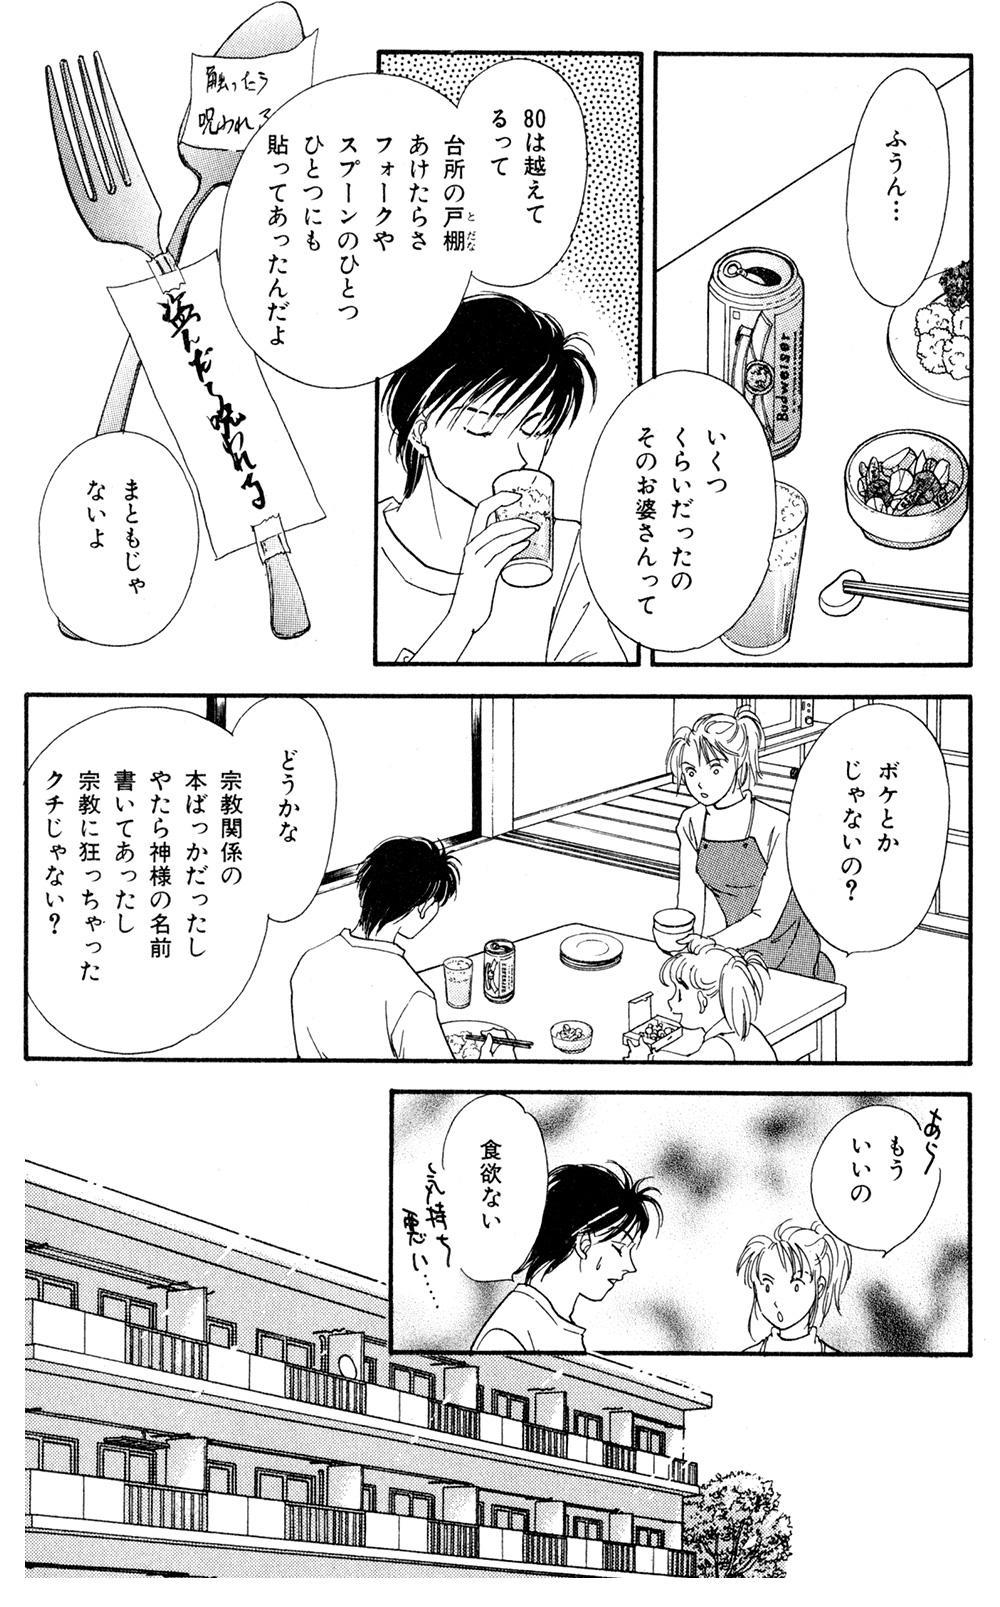 魔百合の恐怖報告 「災いを呼ぶ老婆」①rouba01-13.jpg